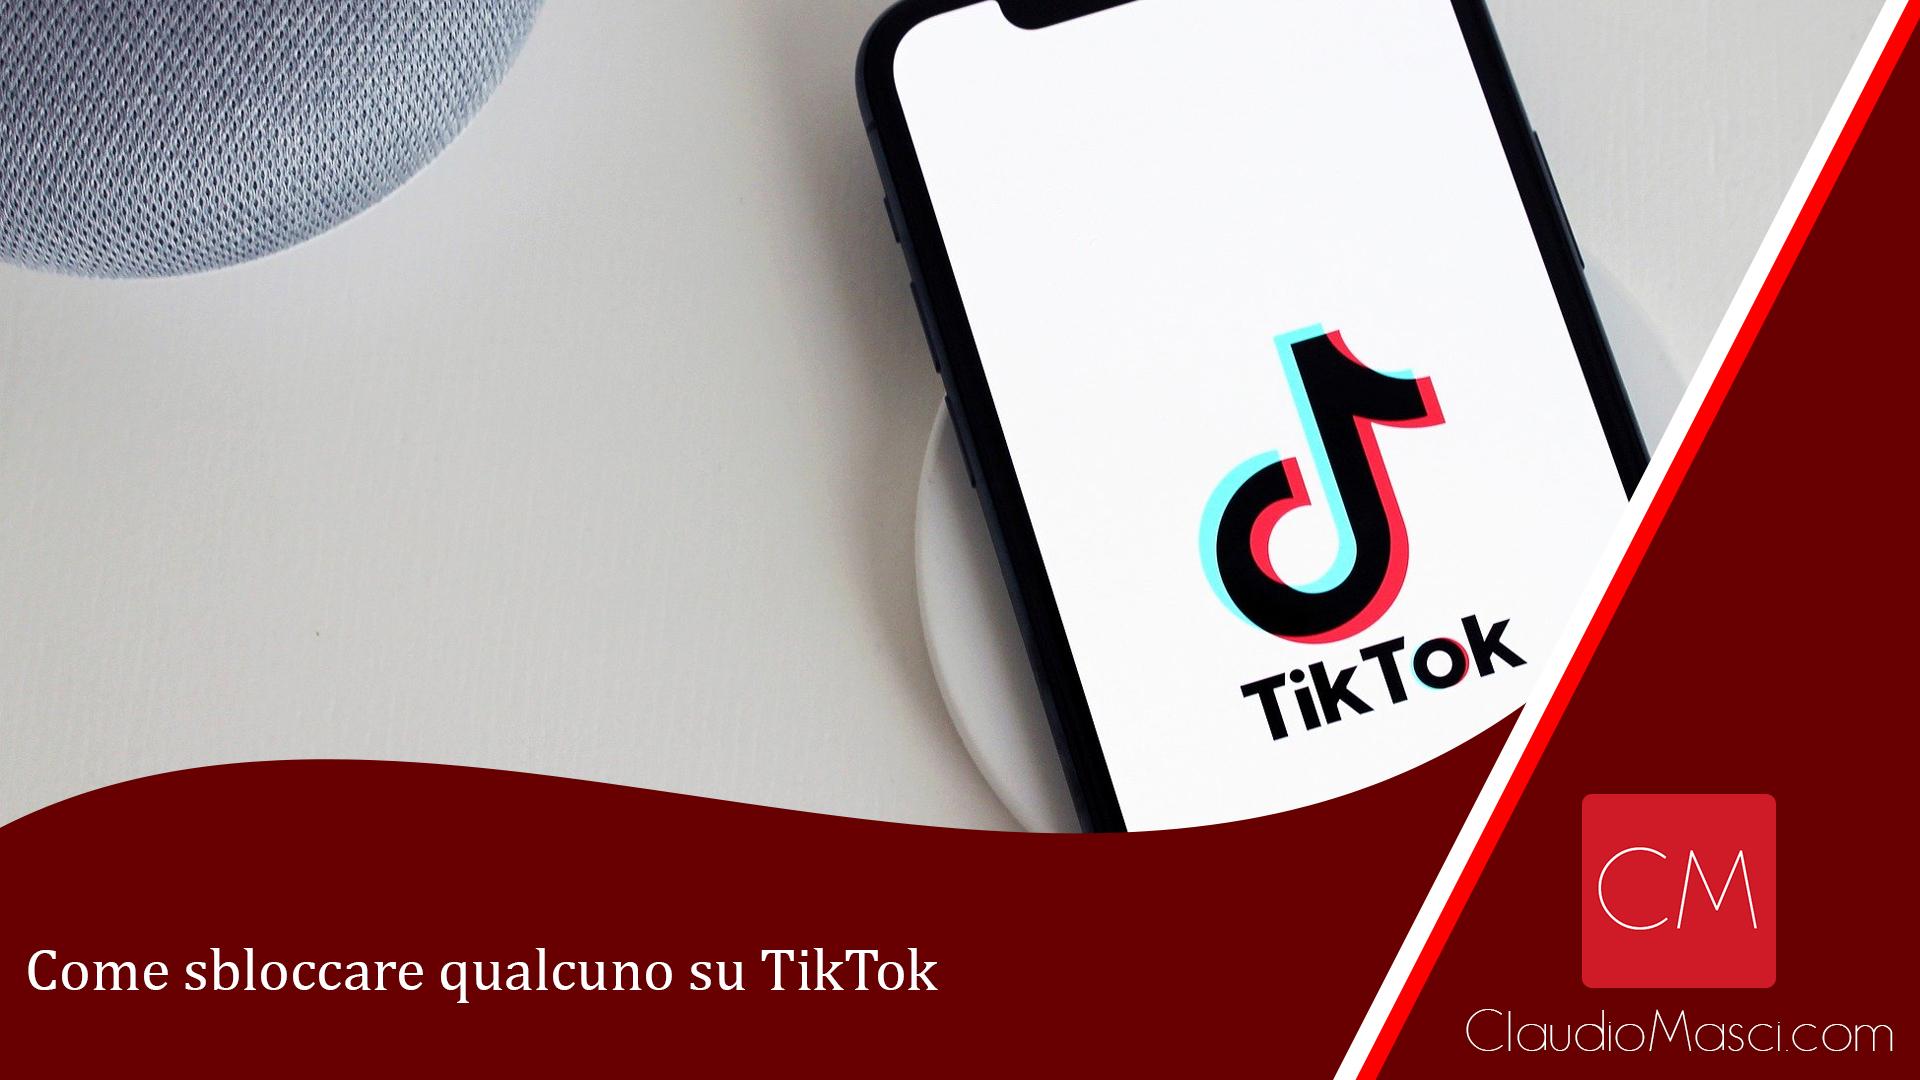 Come sbloccare qualcuno su TikTok